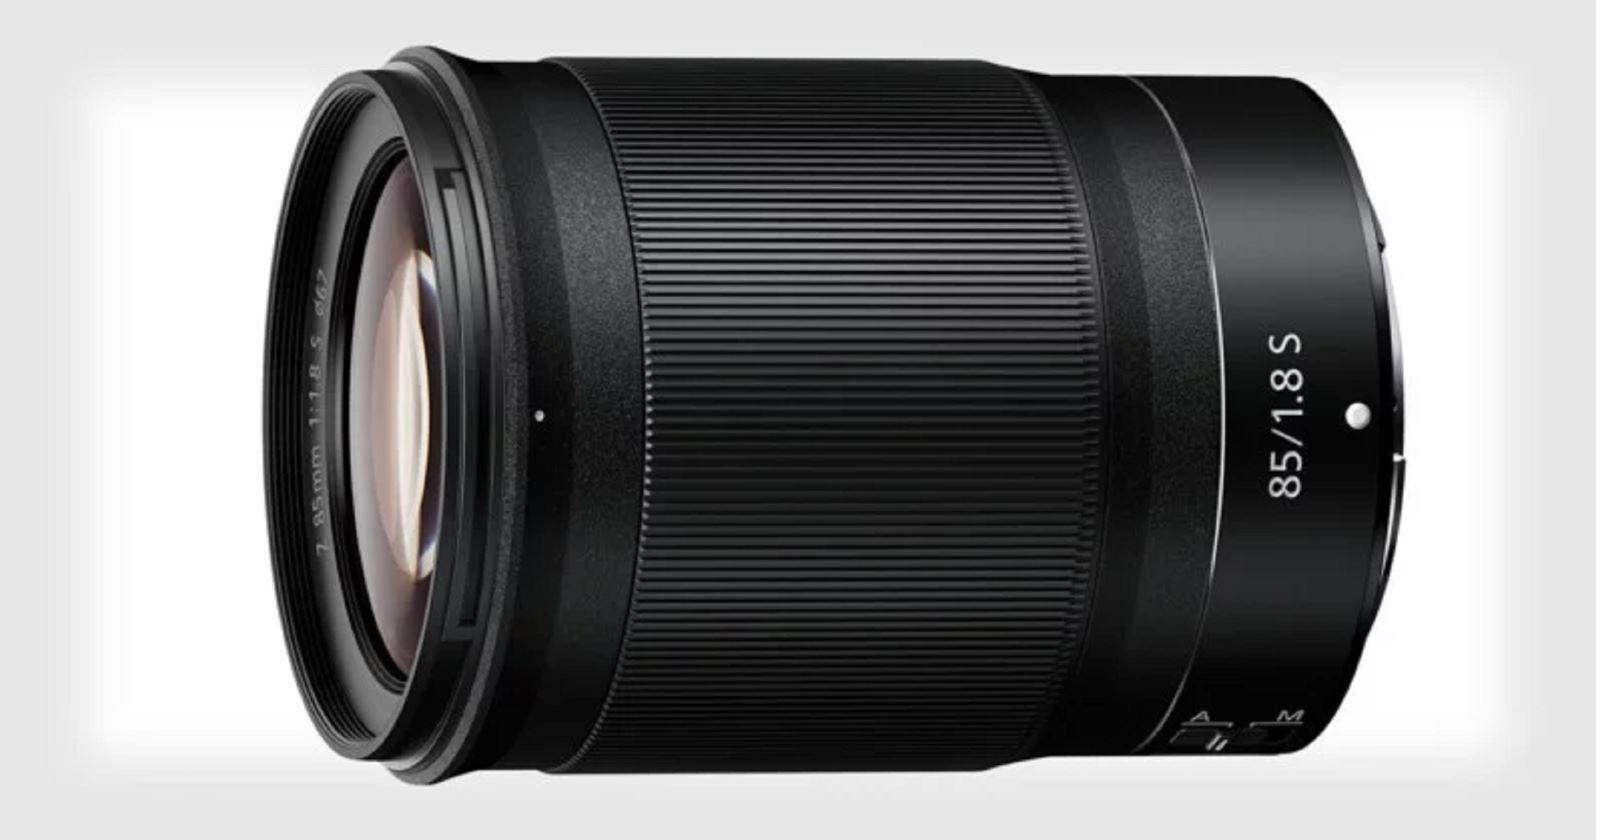 Nikon ra mắt Nikkor Z 85mm f/1.8 S: Ống kính chuyên chân dung cho ngàm Z